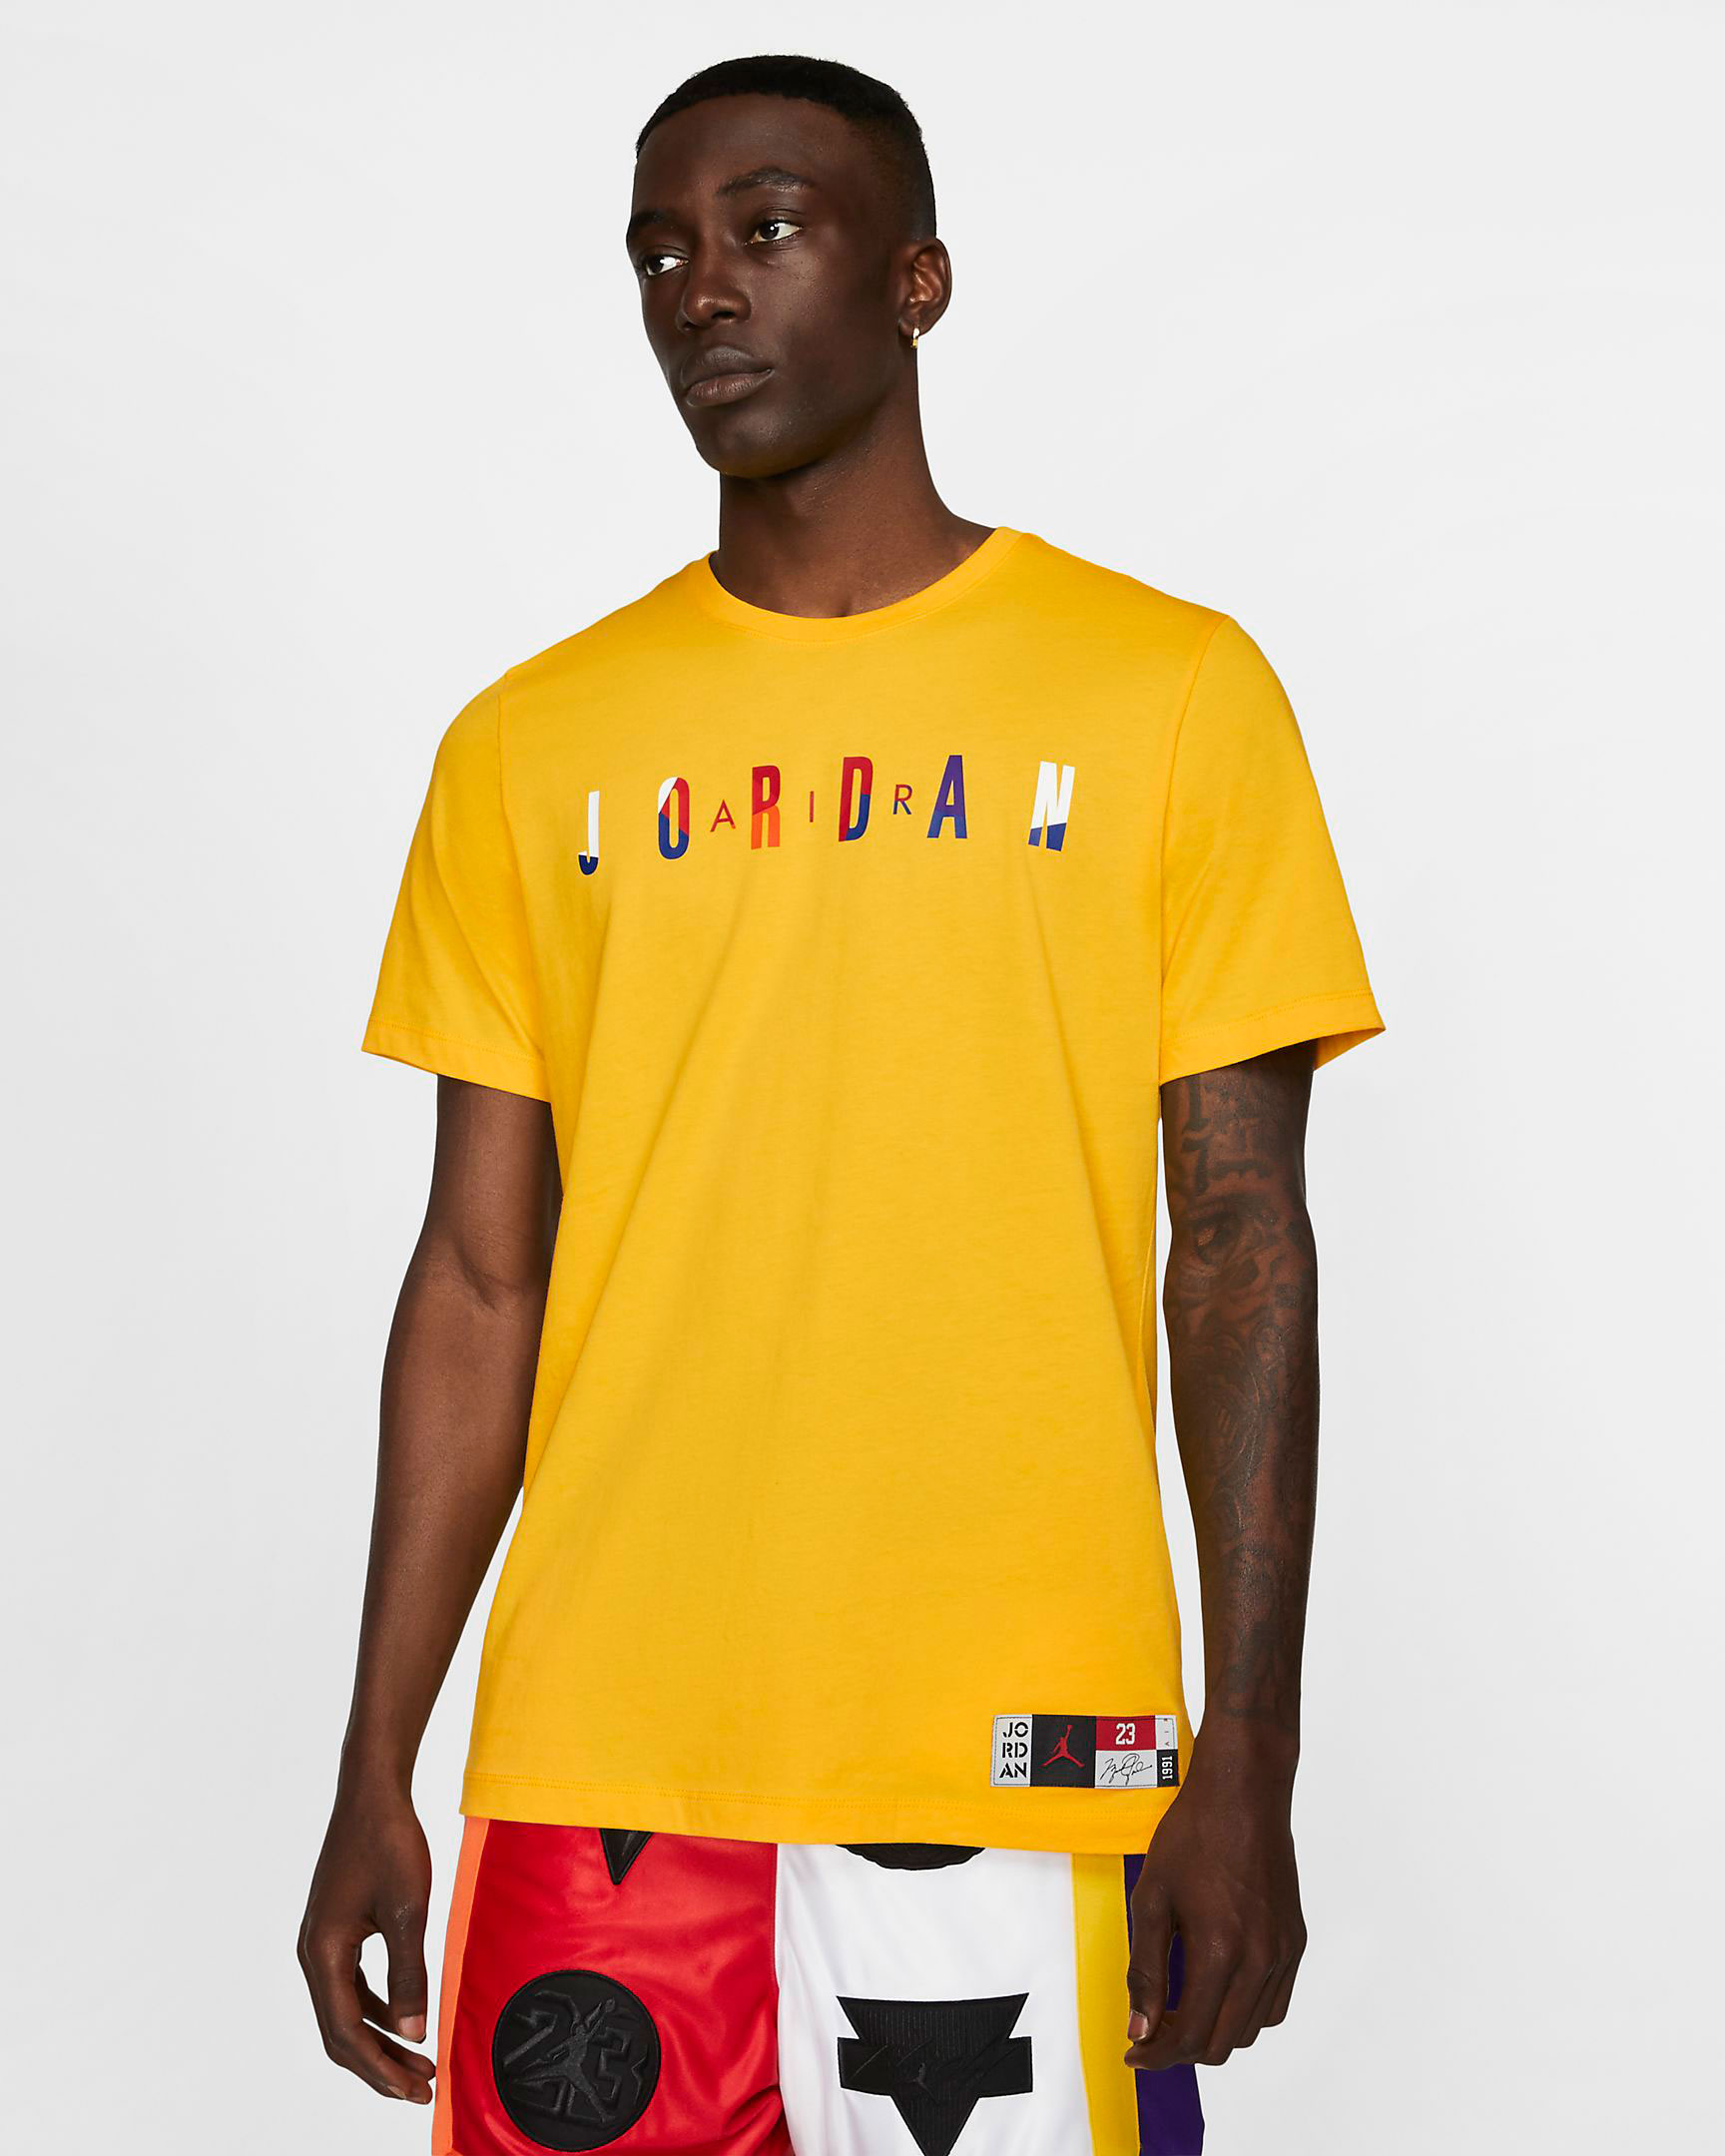 lakers-jordan-13-rivals-tee-shirt-yellow-1